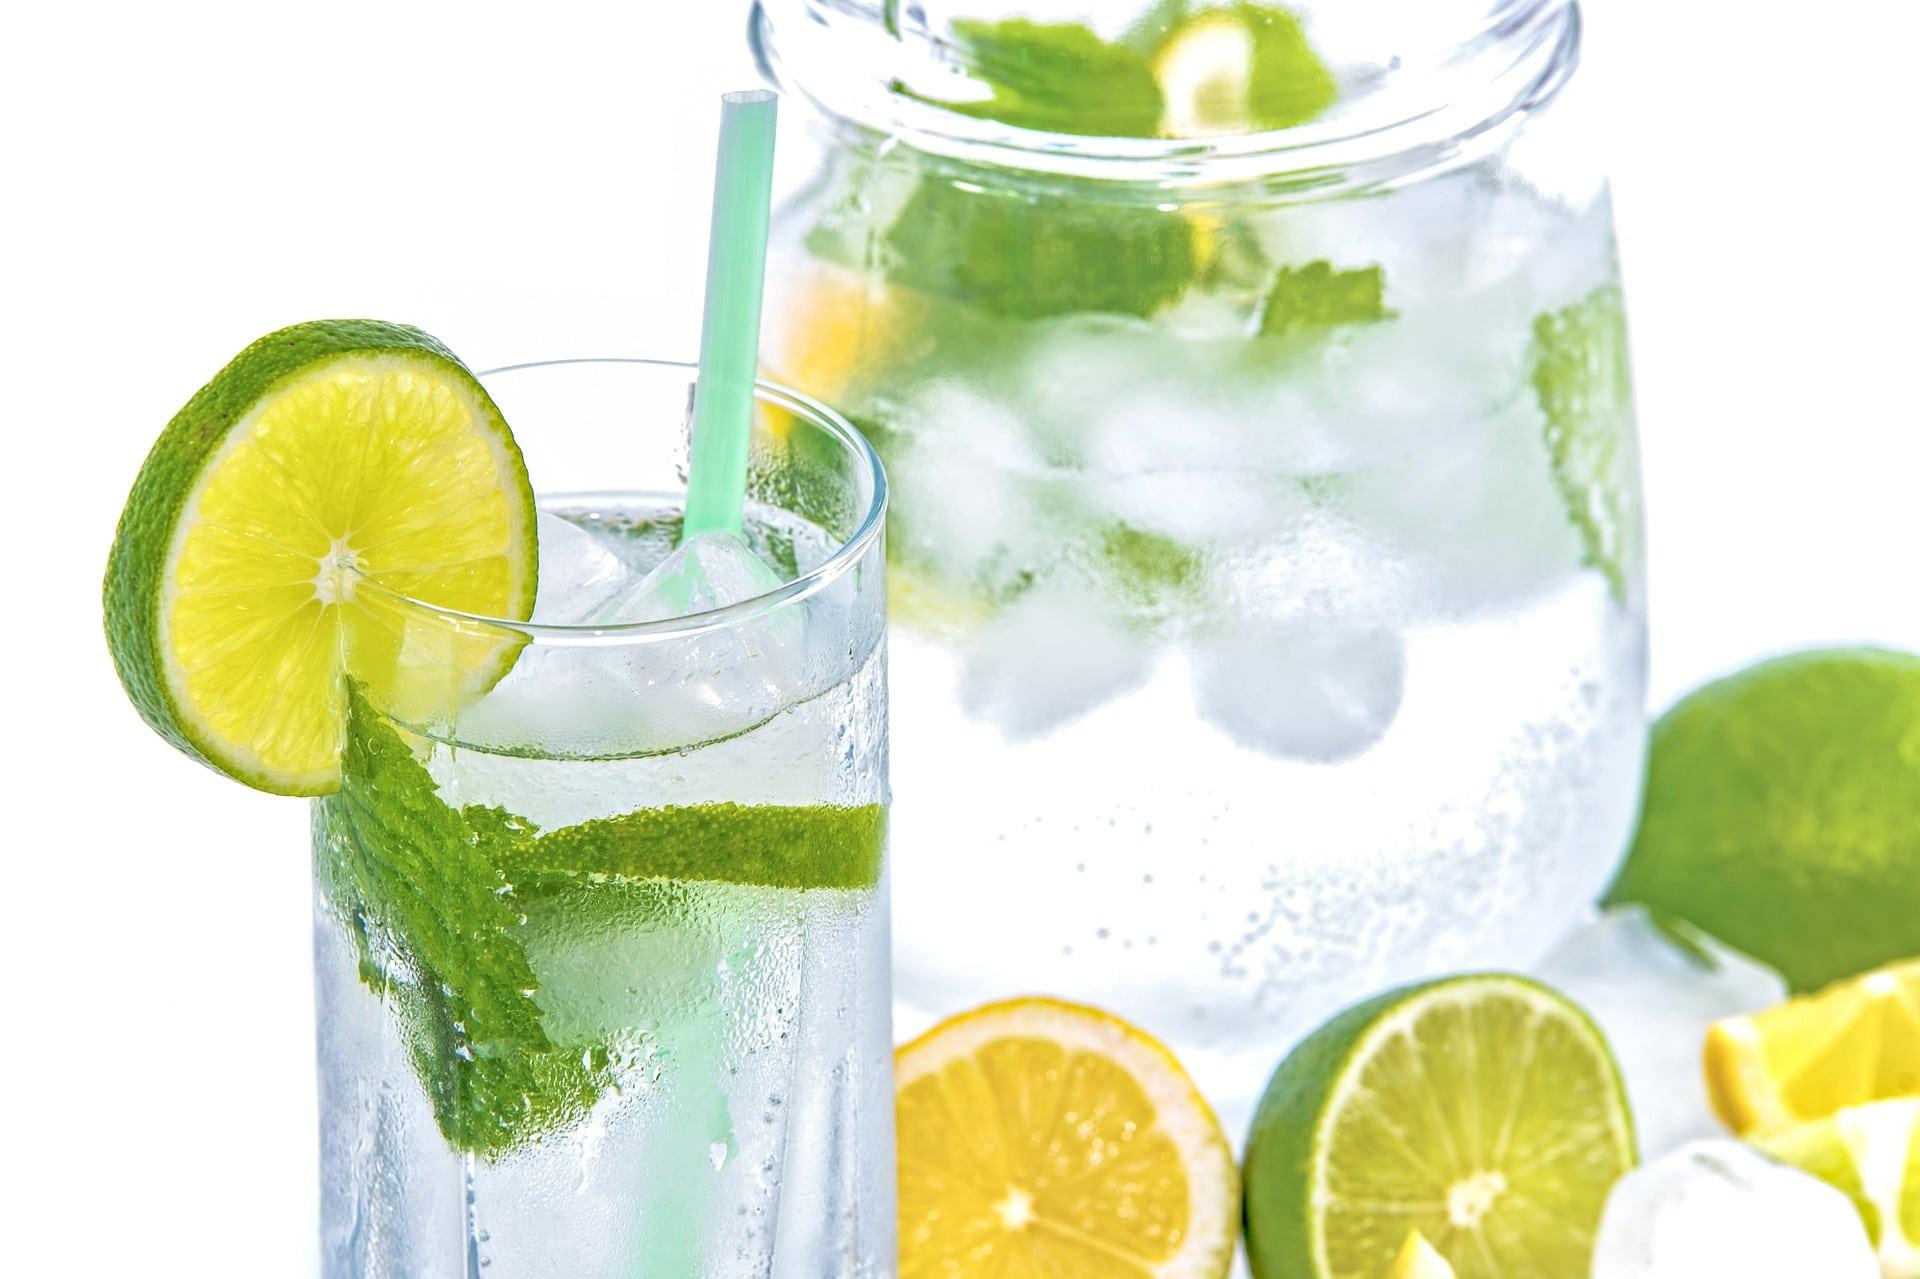 Voda s citronem přispívá k lepšímu trávení a tím zrychluje spalování / foto: pixabay.com